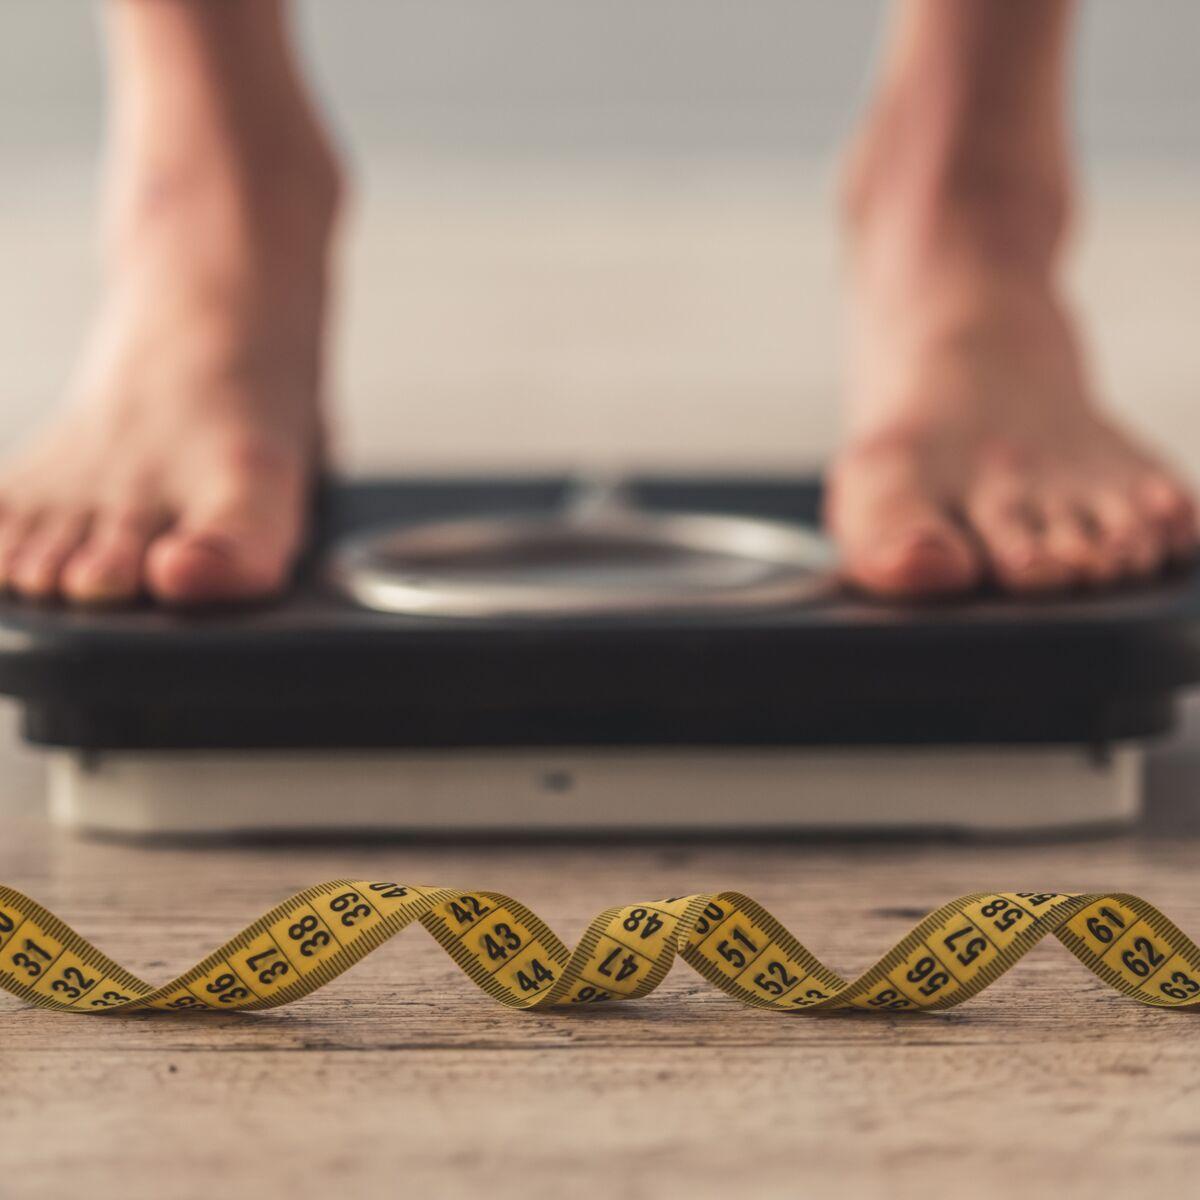 comment traiter la perte de poids involontaire